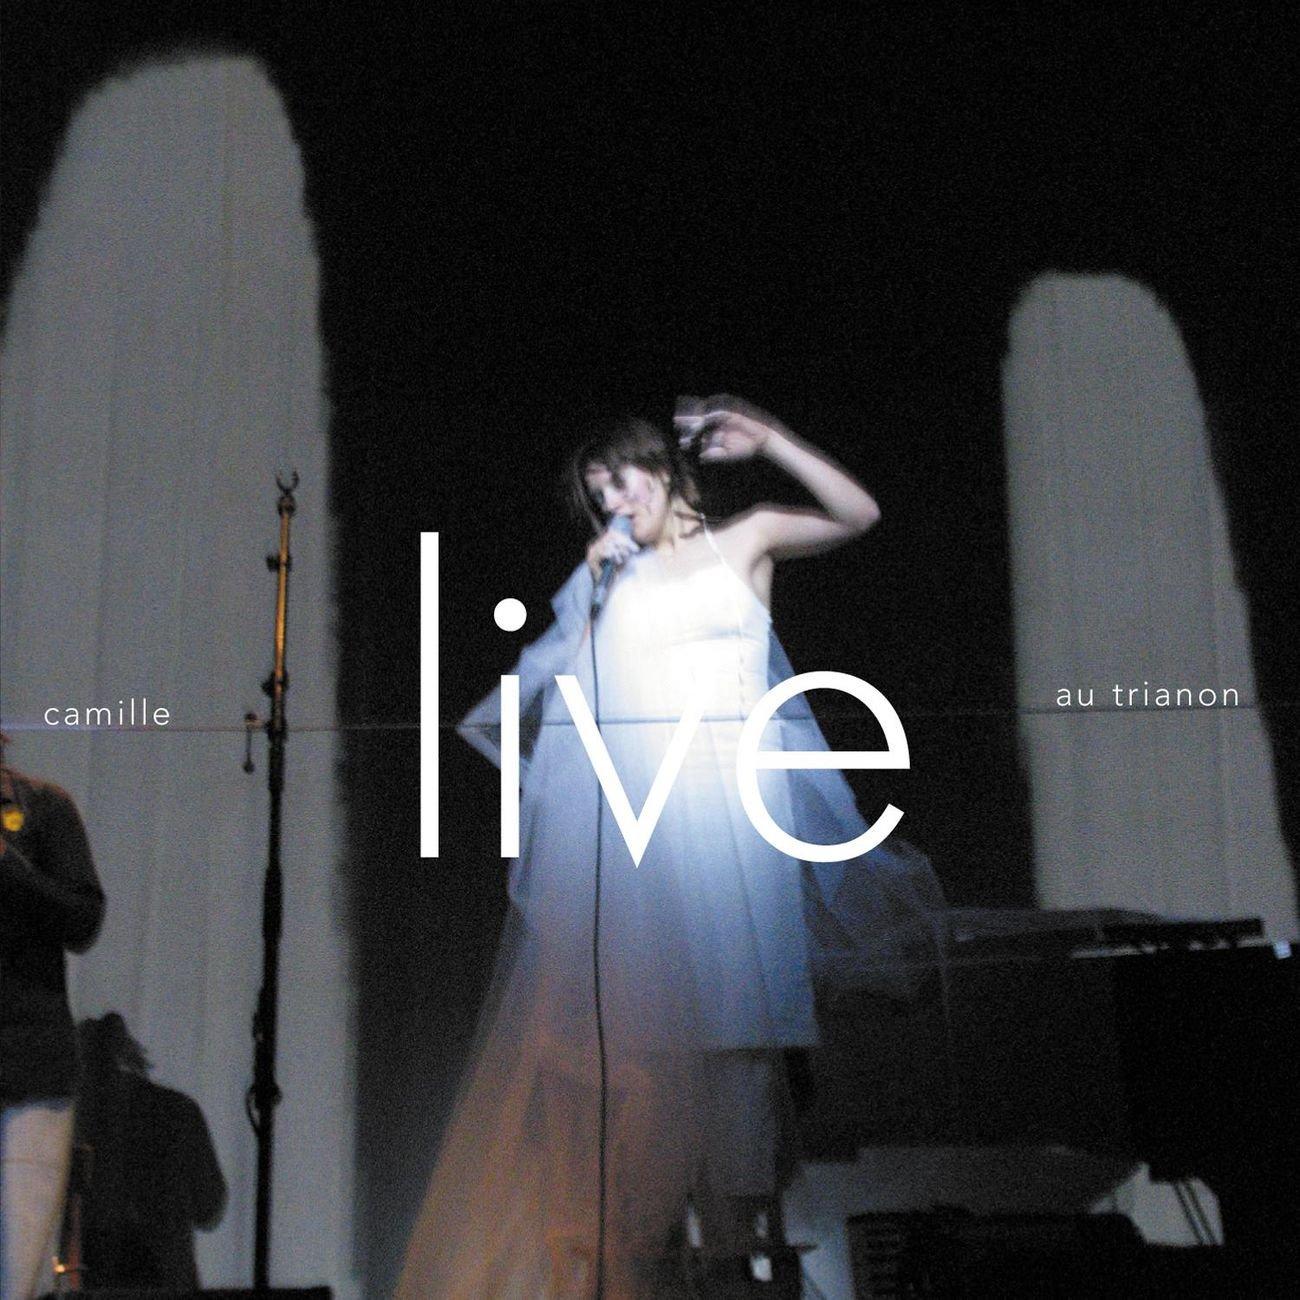 Live Au Trianon